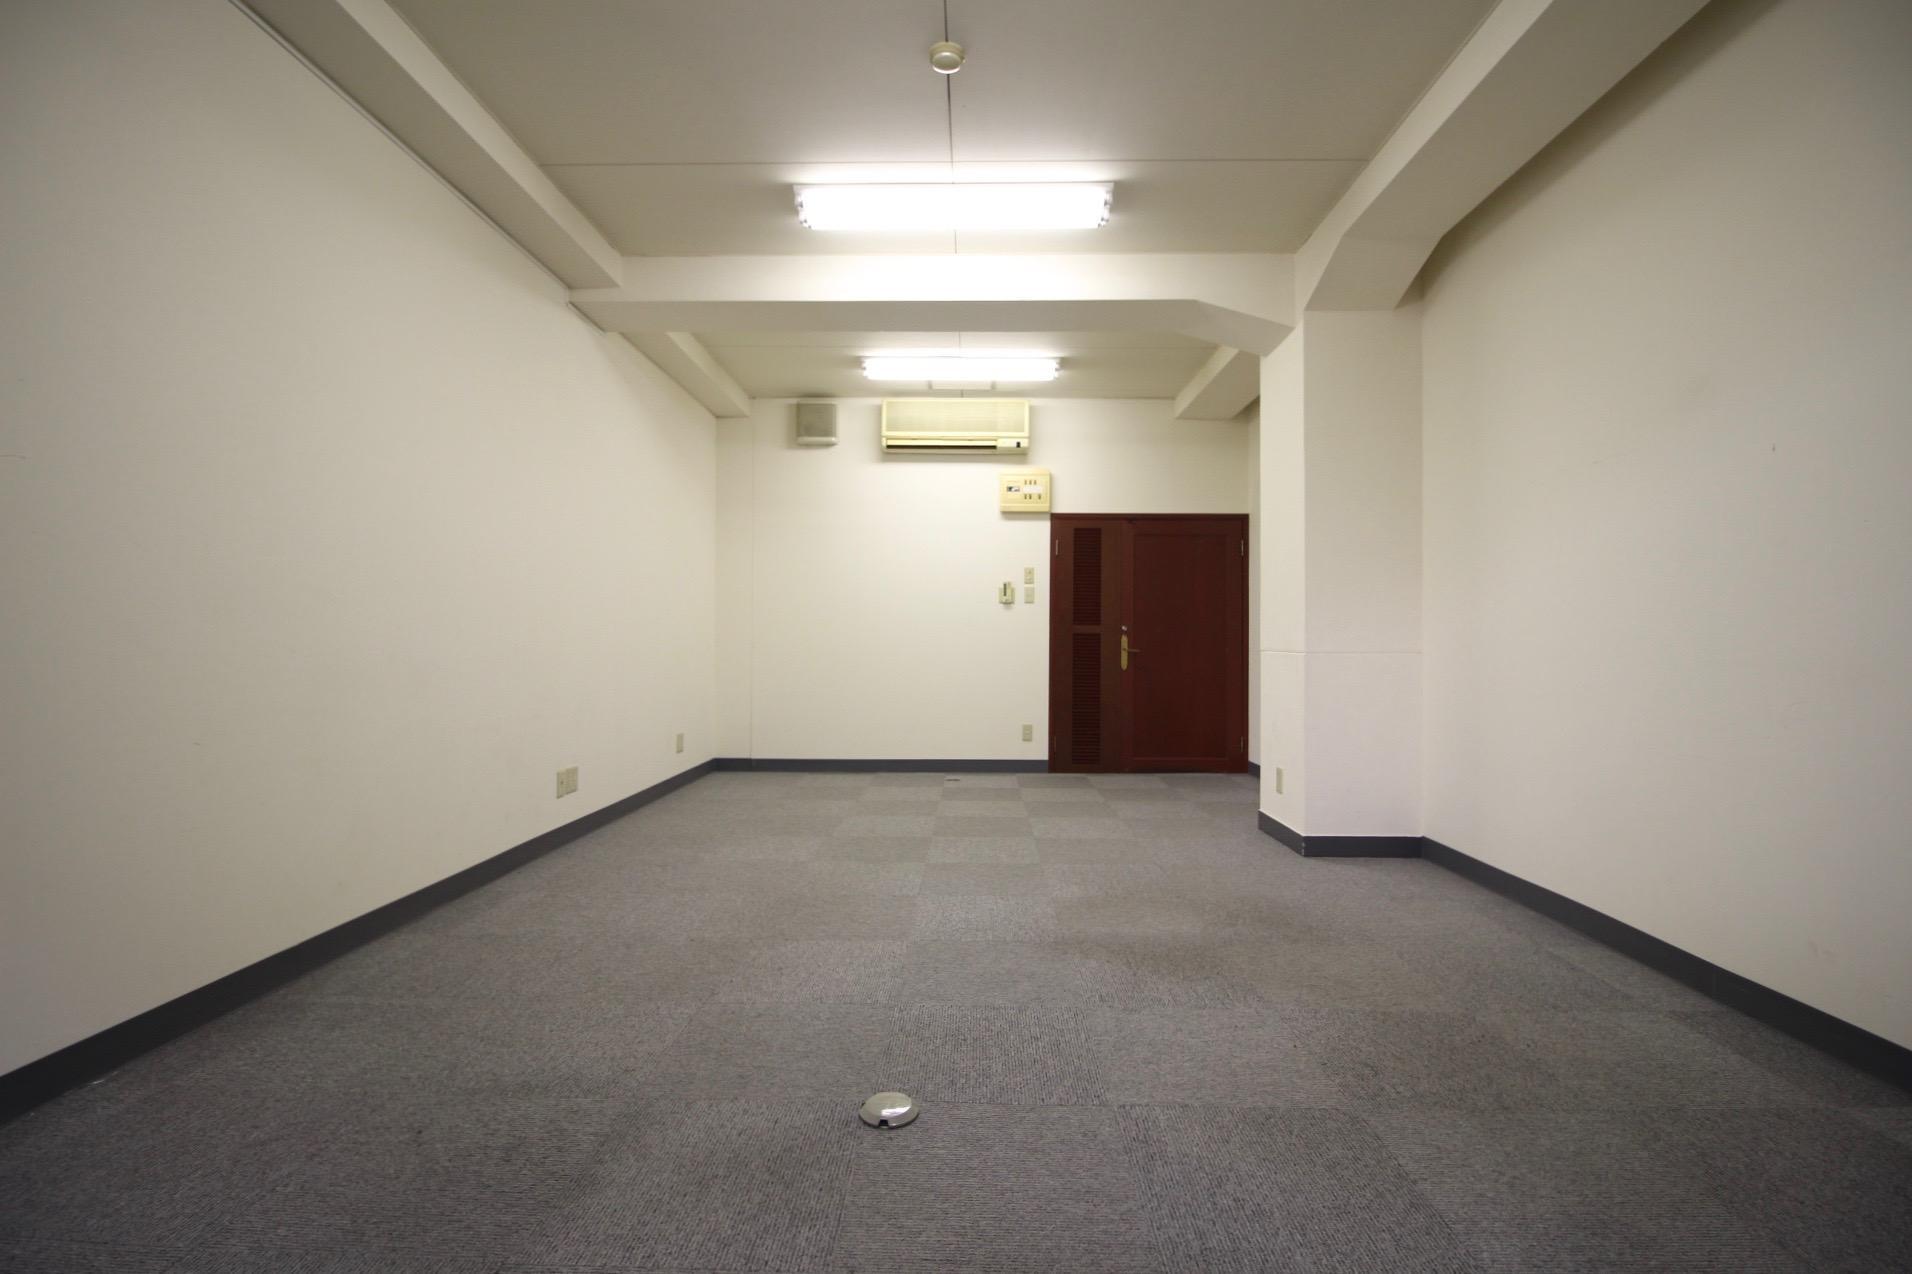 こじんまりとしたオフィスにちょうど良さそうな広さ